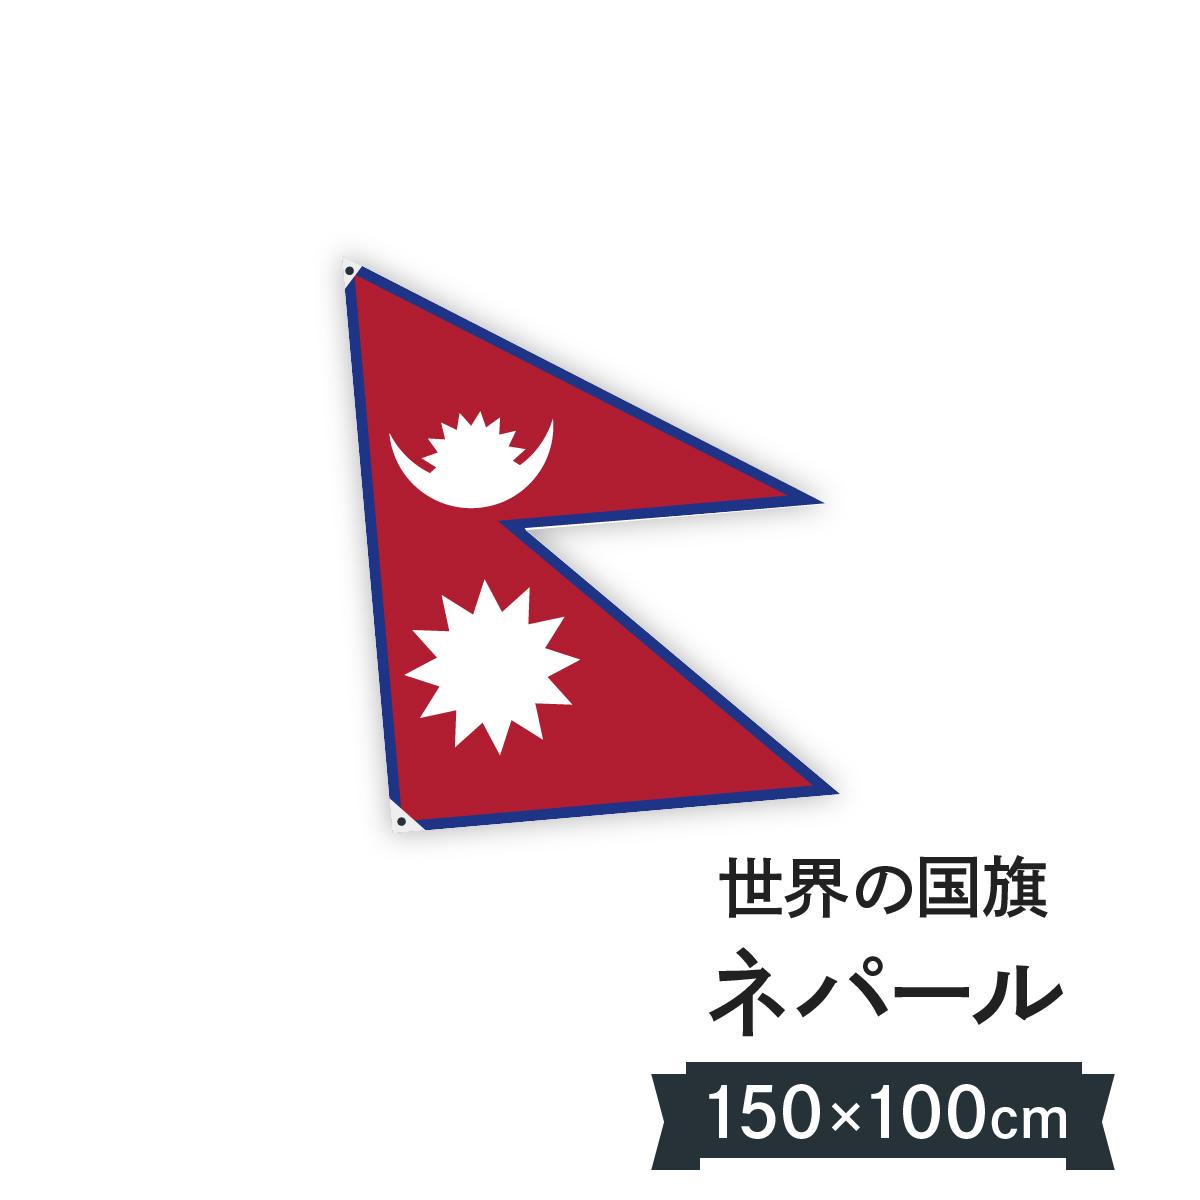 ネパール連邦民主共和国 国旗 W150cm H100cm